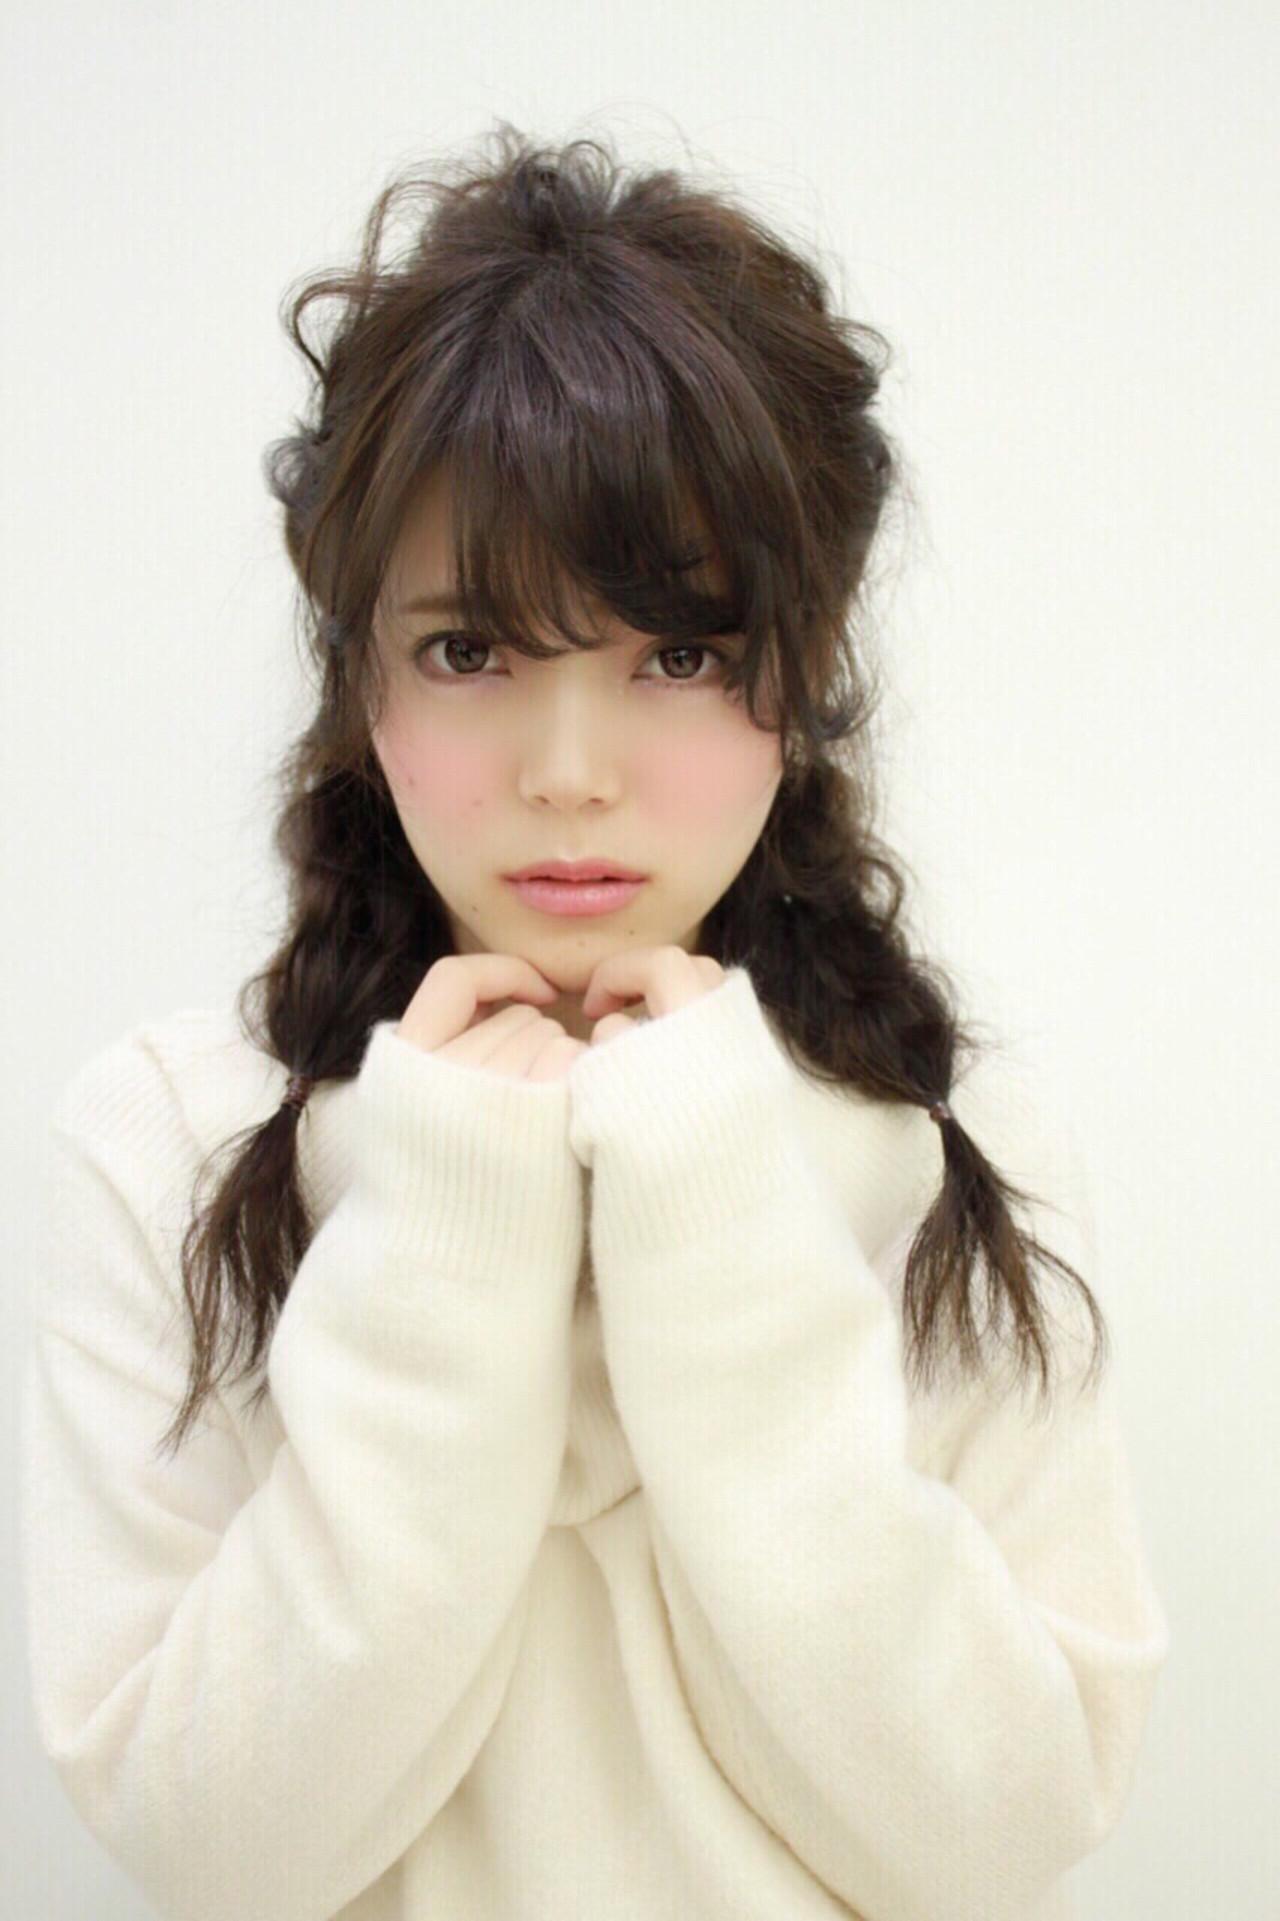 女の子にとって特別なバレンタイン。甘いヘアアレンジで彼の心を鷲掴み♡ 山田 あかり